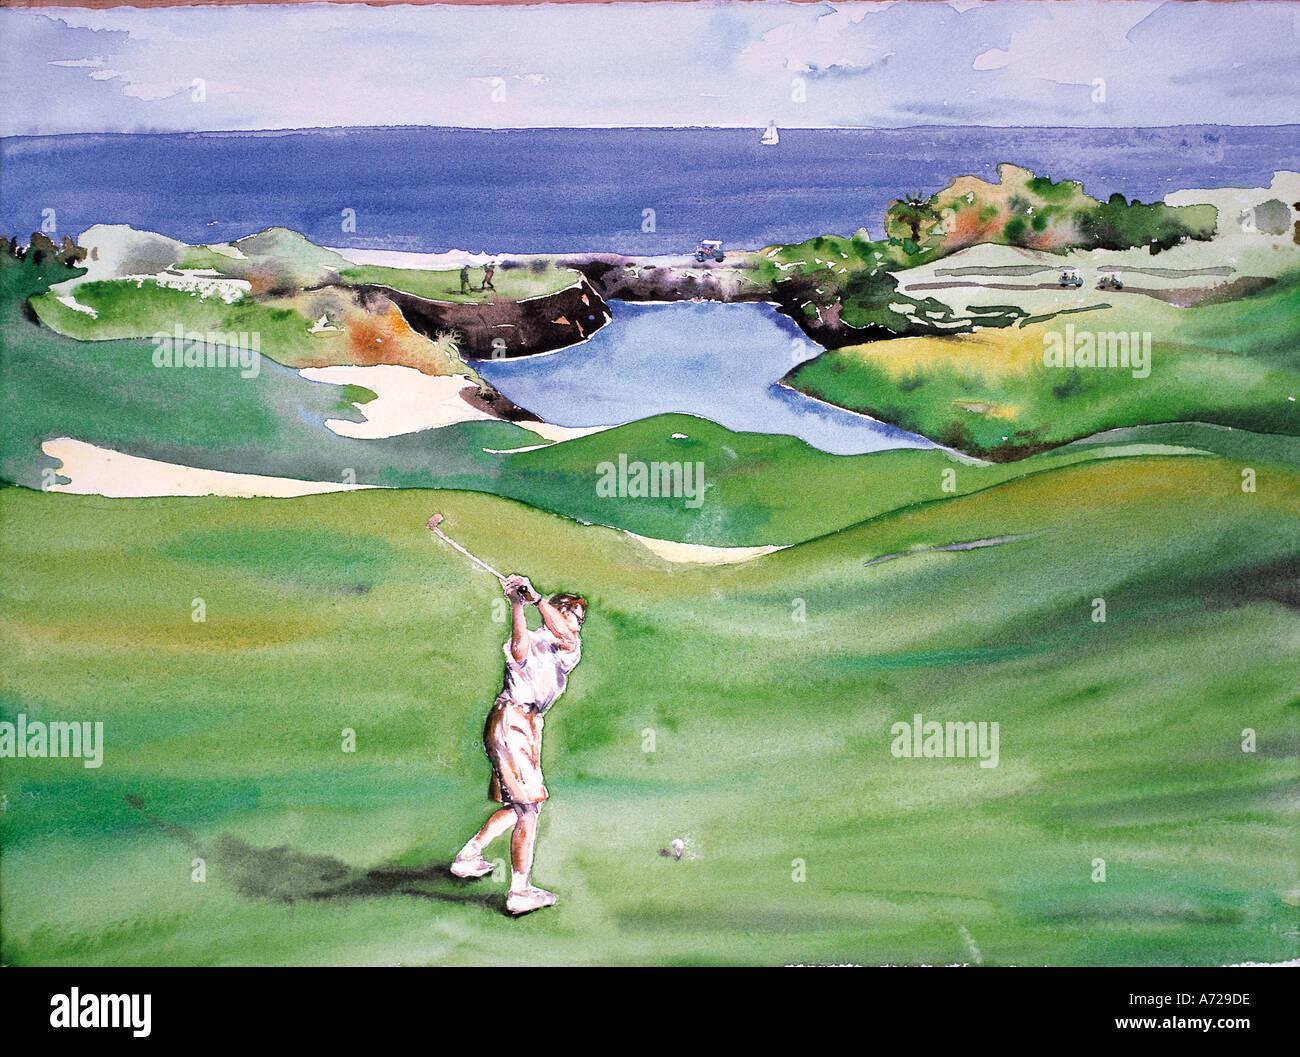 Acquarello del golf alle Hawaii Immagini Stock